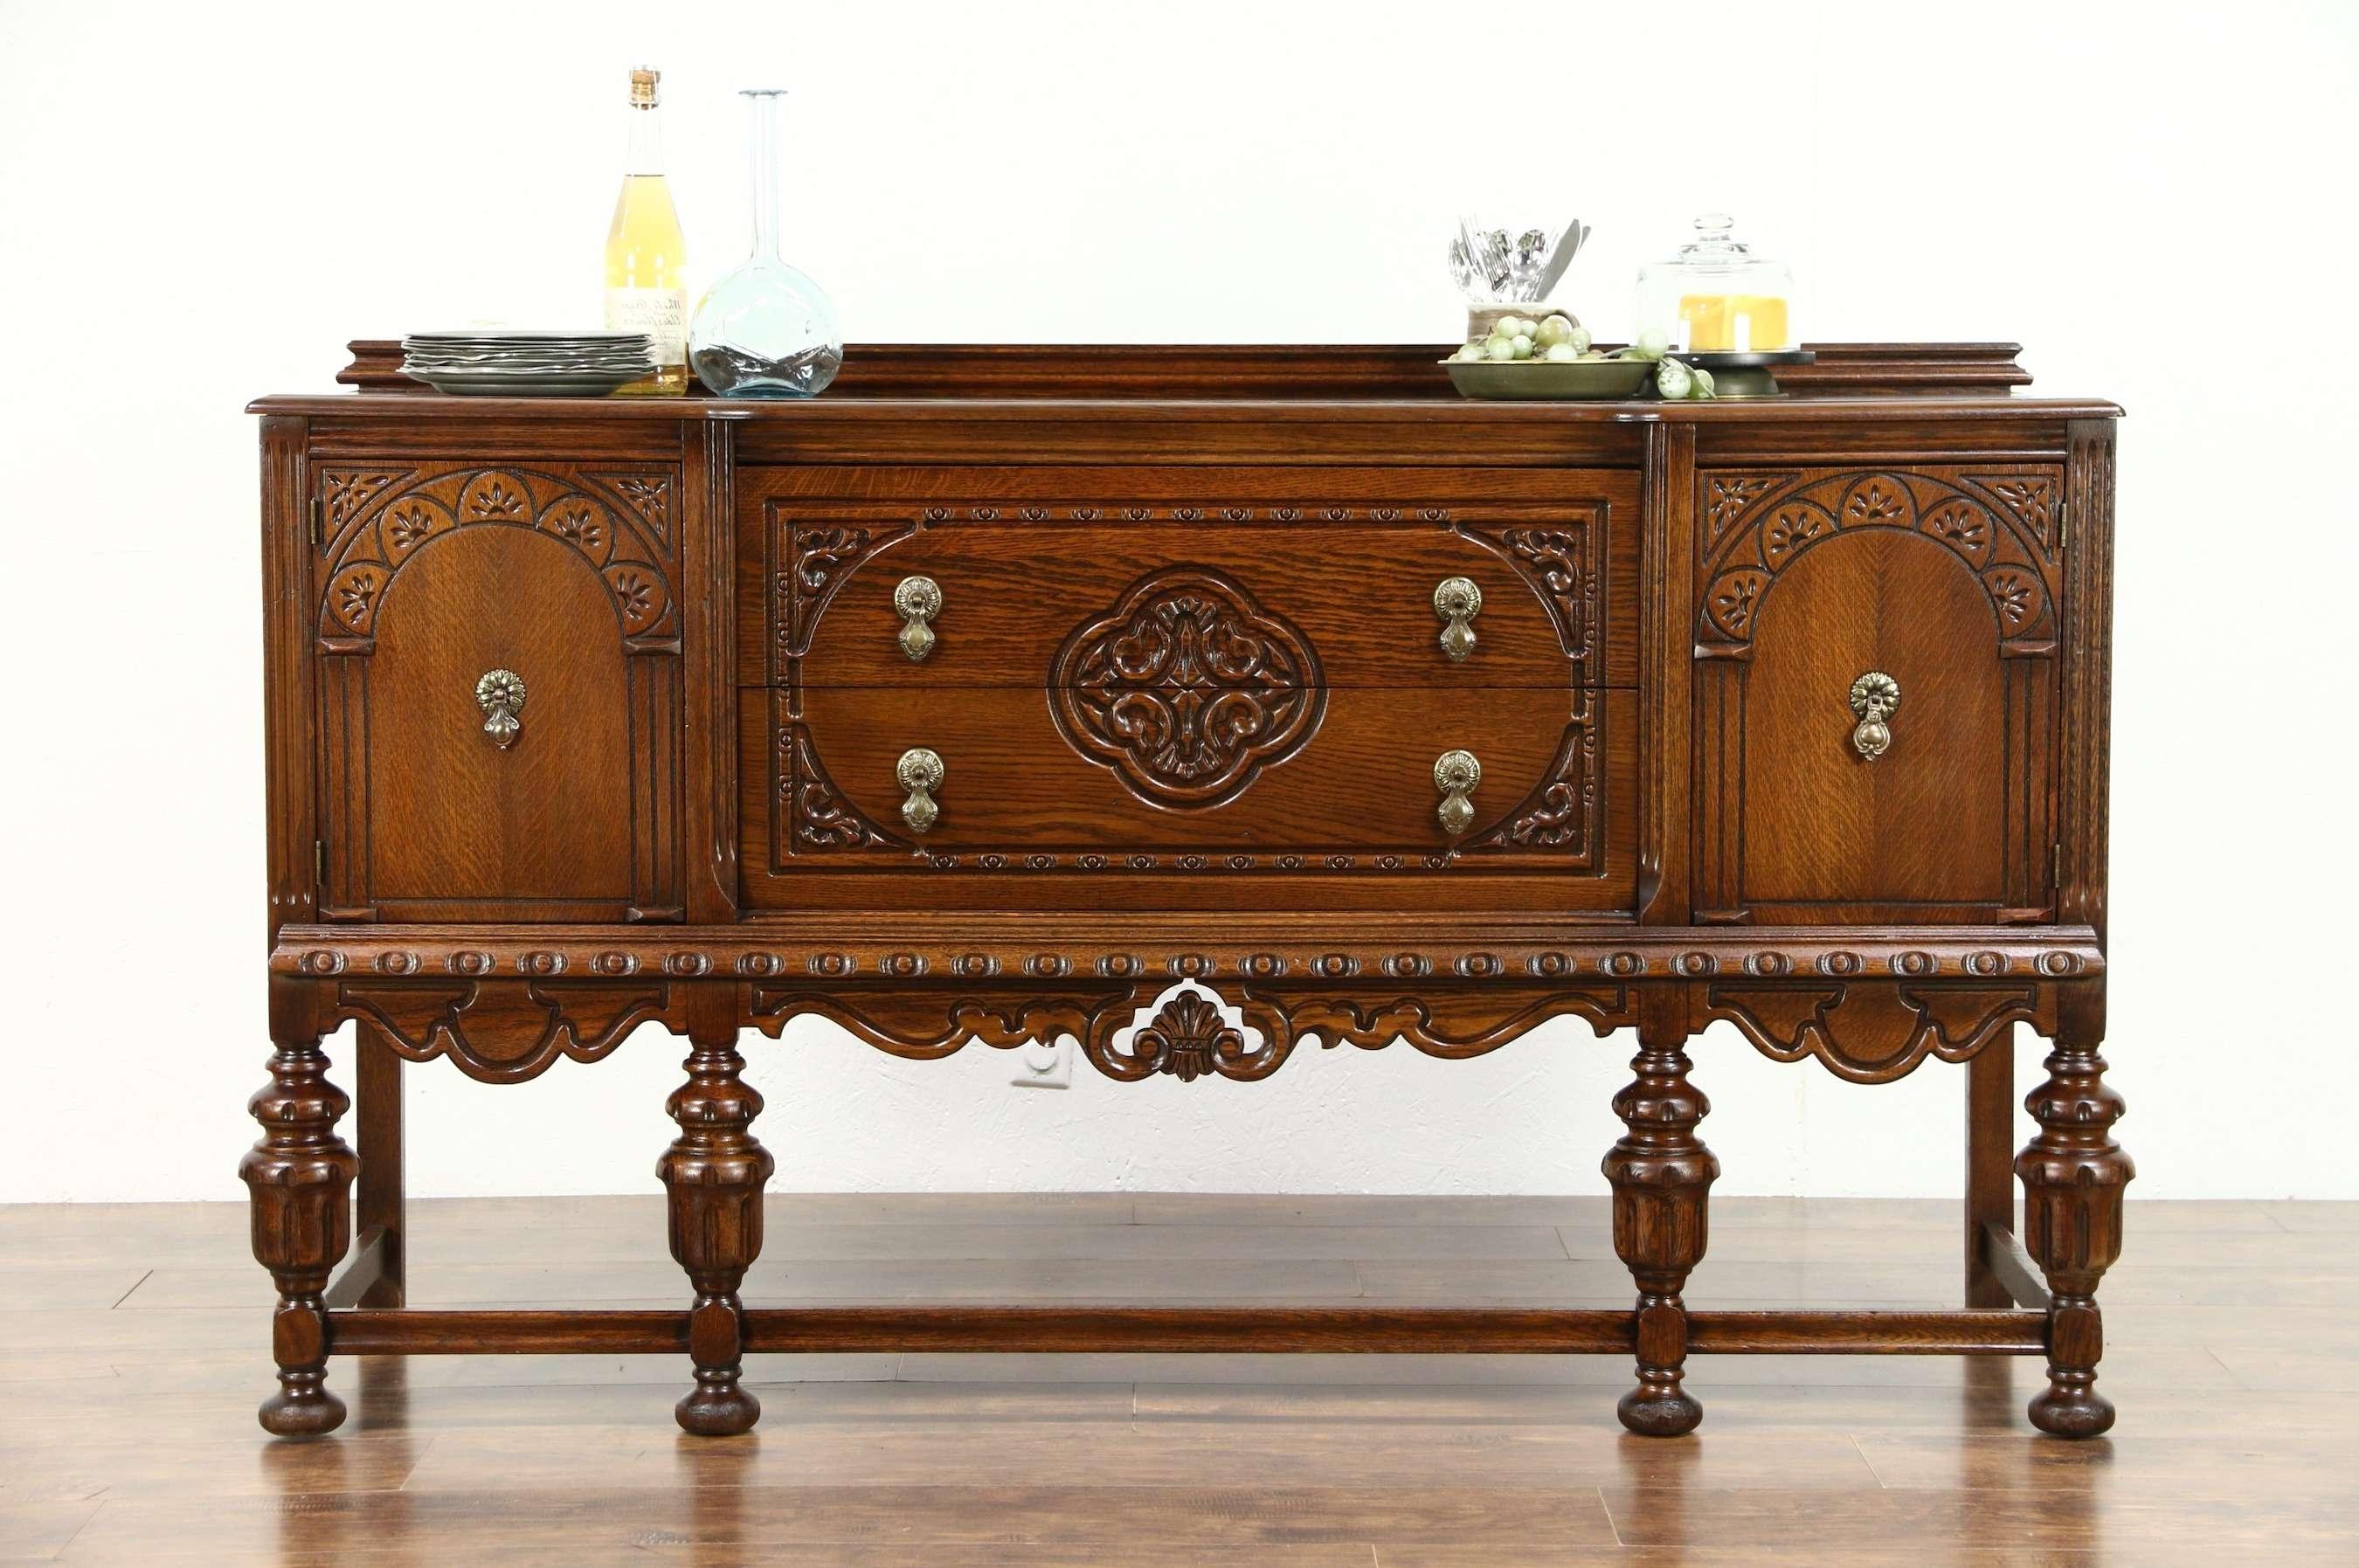 Tudor Design 1925 Antique Carved Oak Sideboard, Server Or Buffet Throughout Antique Oak Sideboards (View 17 of 20)